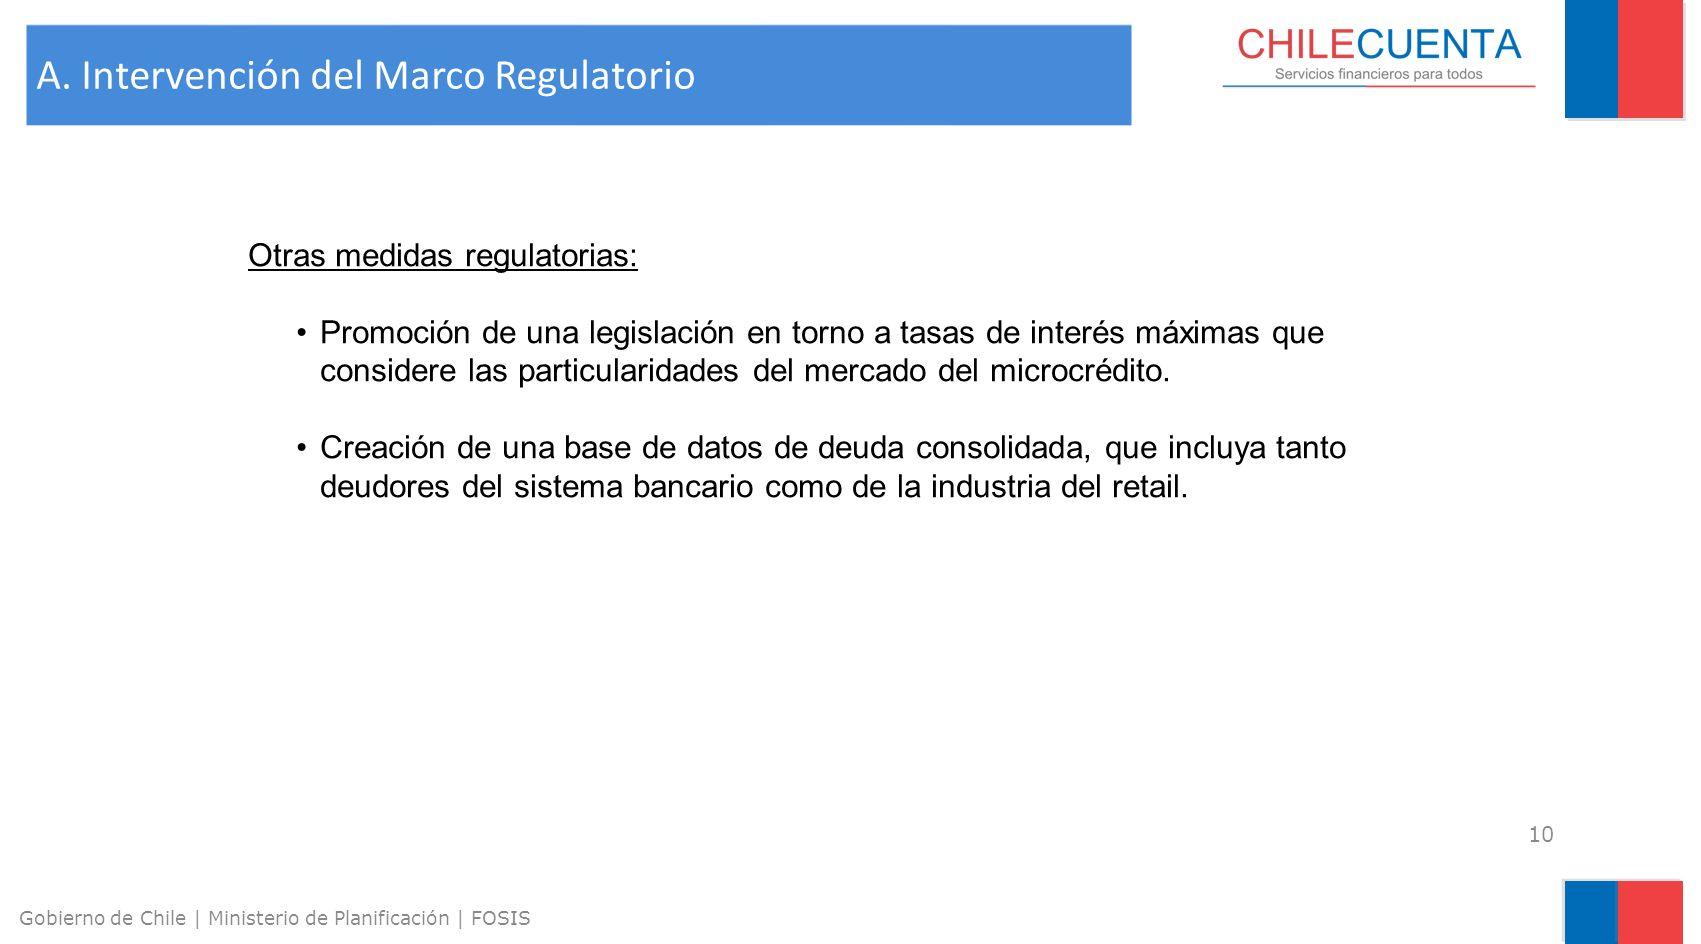 11 Gobierno de Chile | Ministerio de Planificación | FOSIS Subsidio a los costos de operación de instituciones de microfinanzas (US$ 54 / operación de crédito) Fondo de garantía para créditos otorgados a emprendedores vulnerables.